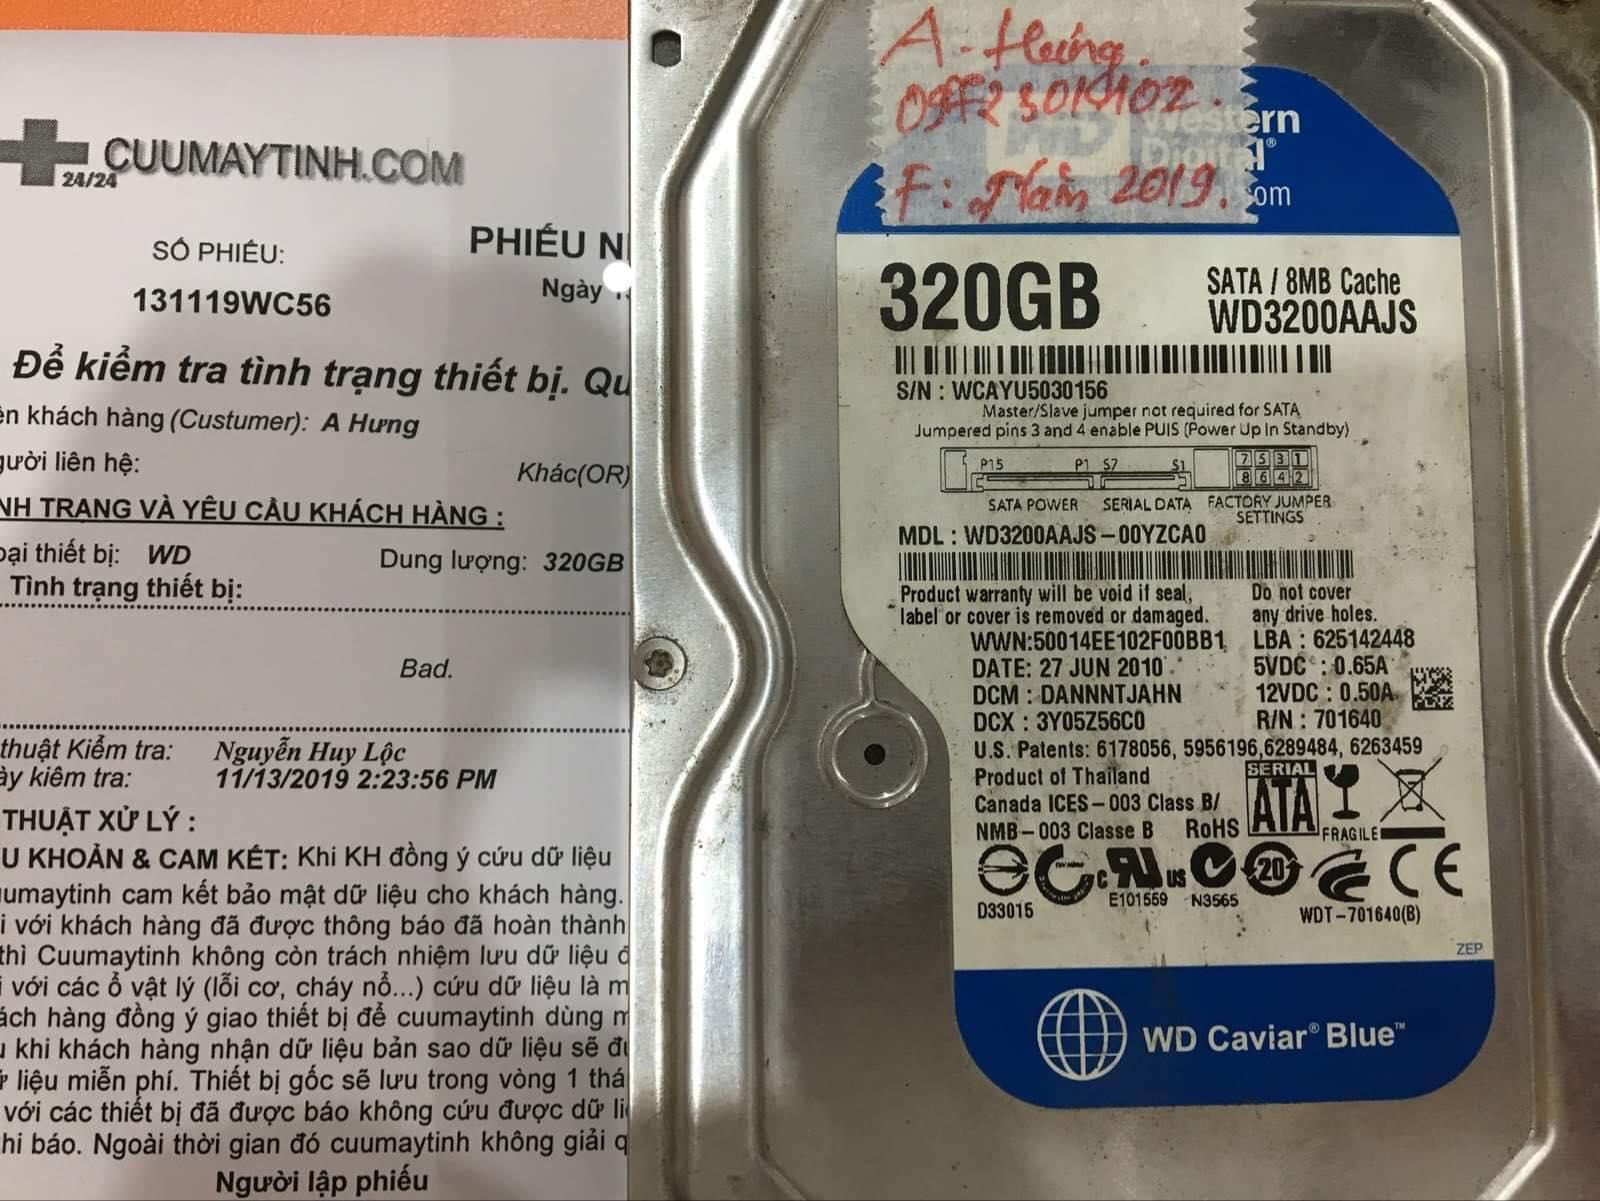 Khôi phục dữ liệu ổ cứng Western 320GB bad 16/11/2019 - cuumaytinh